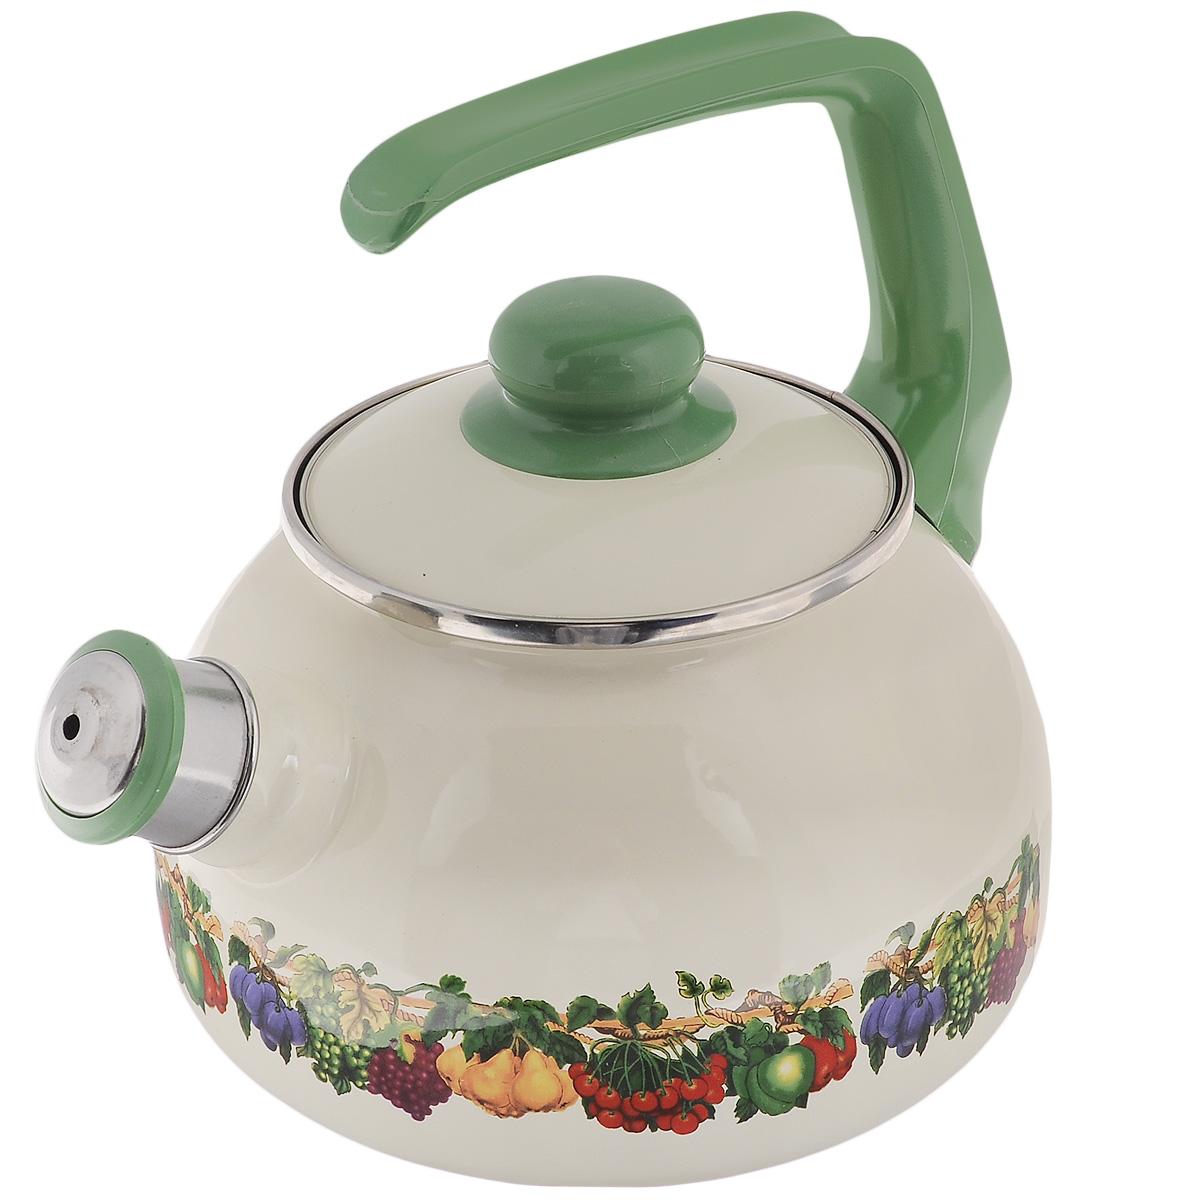 Чайник Metrot Фруктовый сад, со свистком, 2,5 л115510Чайник Metrot Фруктовый сад выполнен из высококачественной стали, что обеспечивает долговечность использования. Внешнее цветное эмалевое покрытие придает приятный внешний вид. Бакелитовая фиксированная ручка делает использование чайника очень удобным и безопасным. Чайник снабжен съемным свистком.Можно мыть в посудомоечной машине. Пригоден для всех видов плит, включая индукционные.Высота чайника (без учета крышки и ручки): 13 см.Диаметр (по верхнему краю): 13 см.